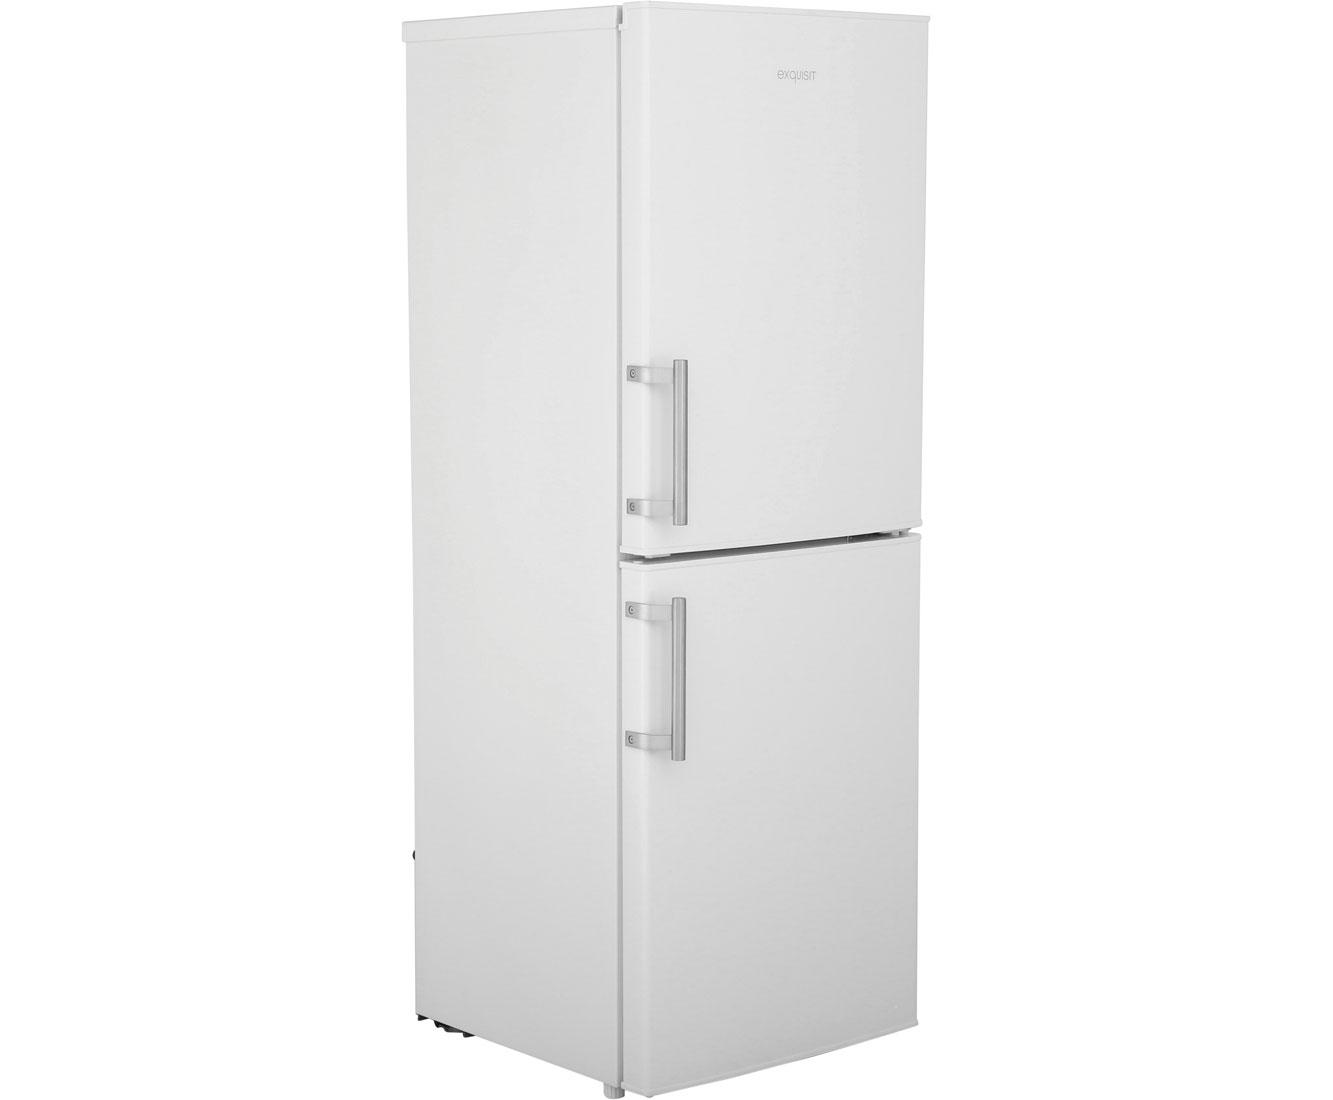 Gorenje Kühlschrank Dekorfähig : Kühlschrank dekorfähig a preisvergleich u die besten angebote